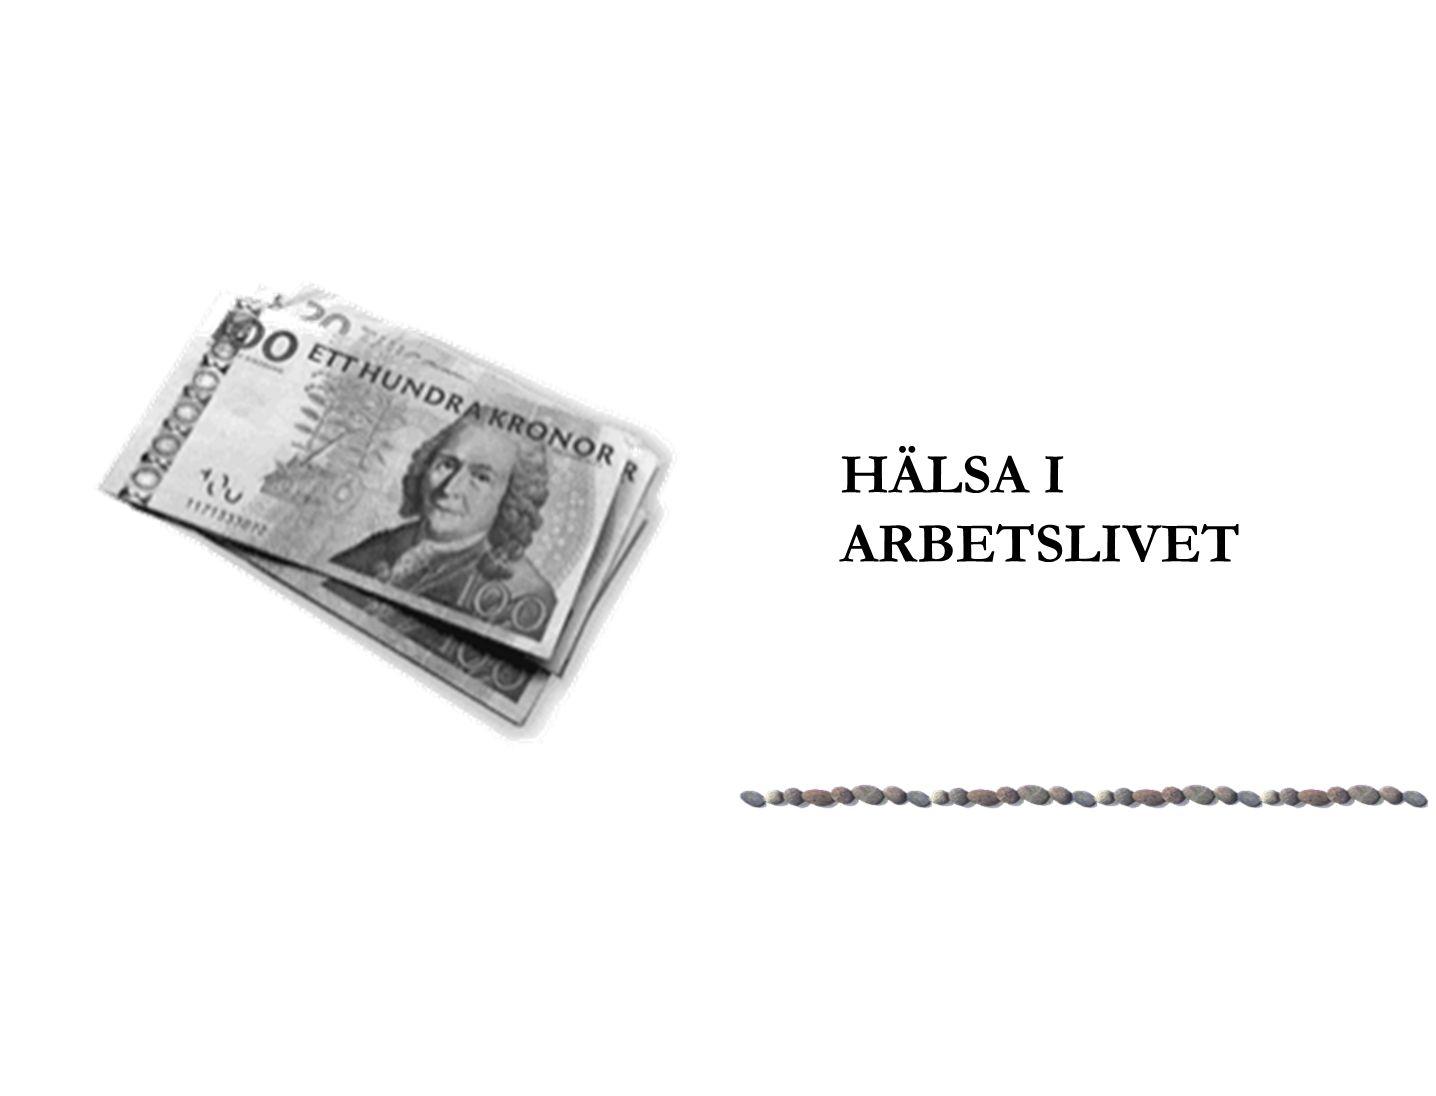 HÄLSA I ARBETSLIVET